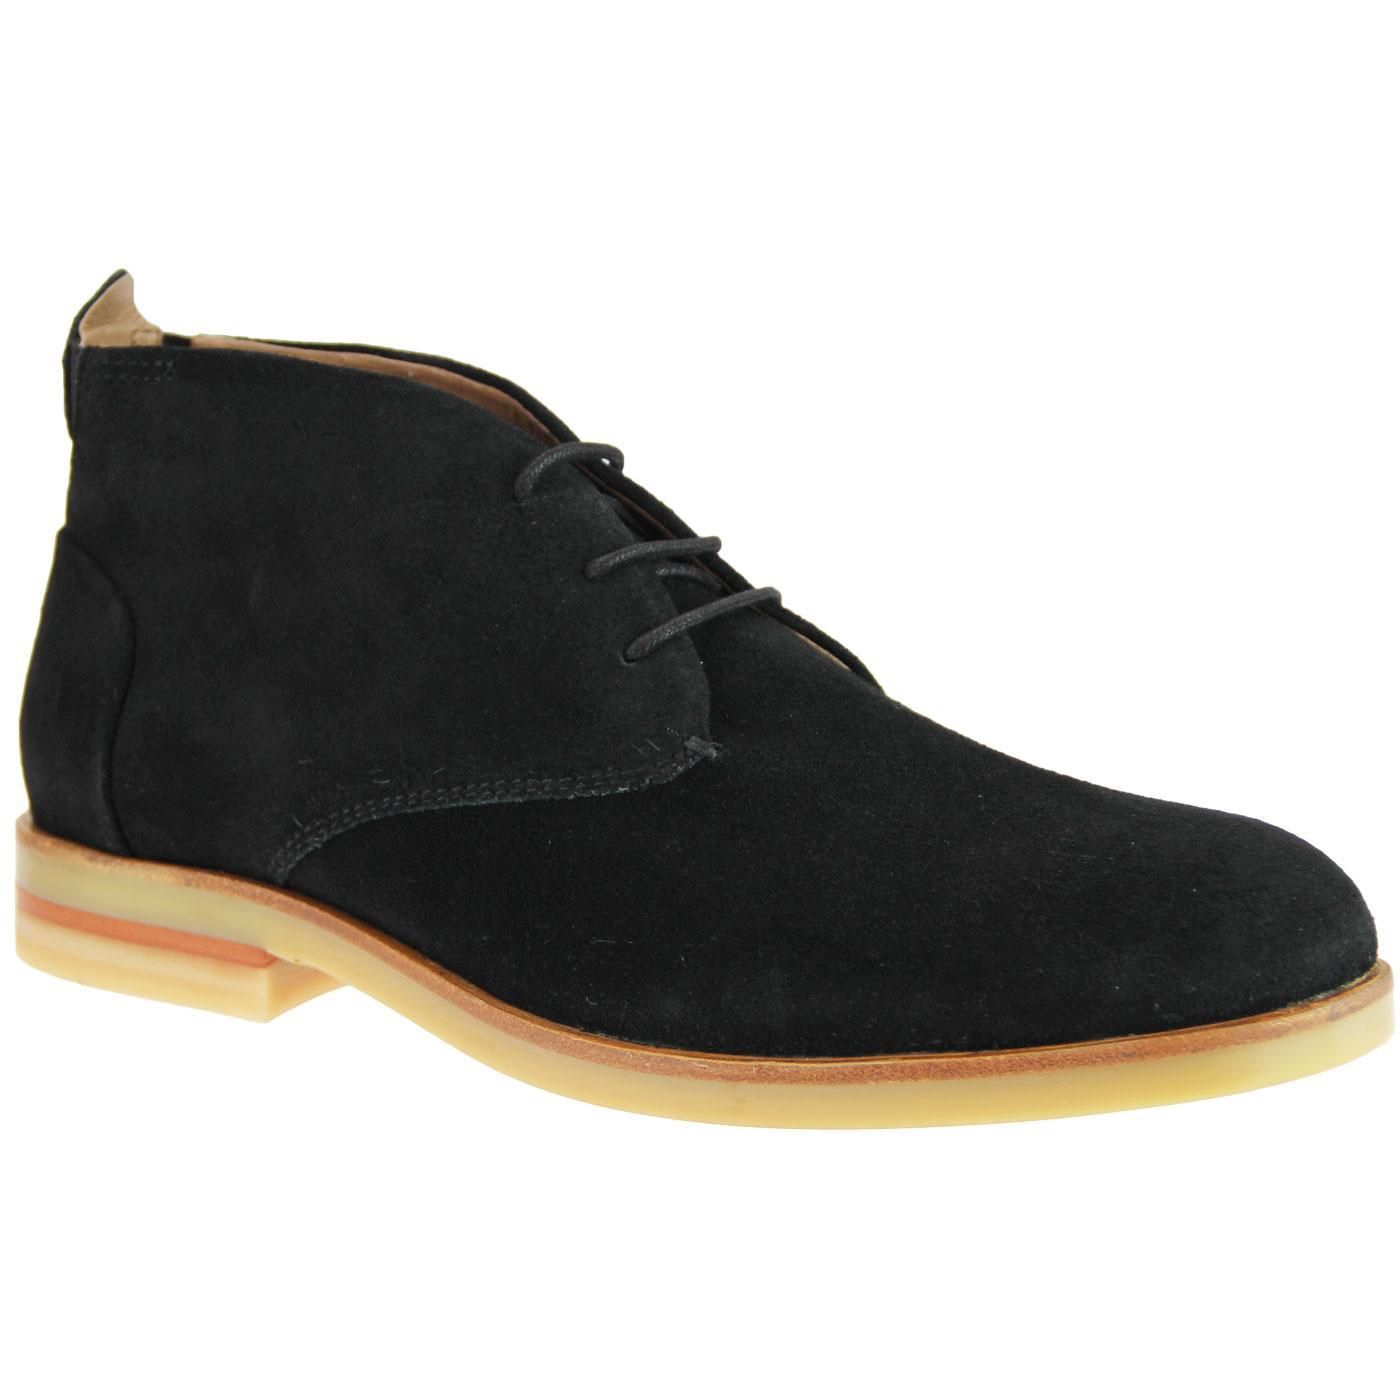 Bedlington HUDSON 60s Mod Suede Desert Boots BLACK